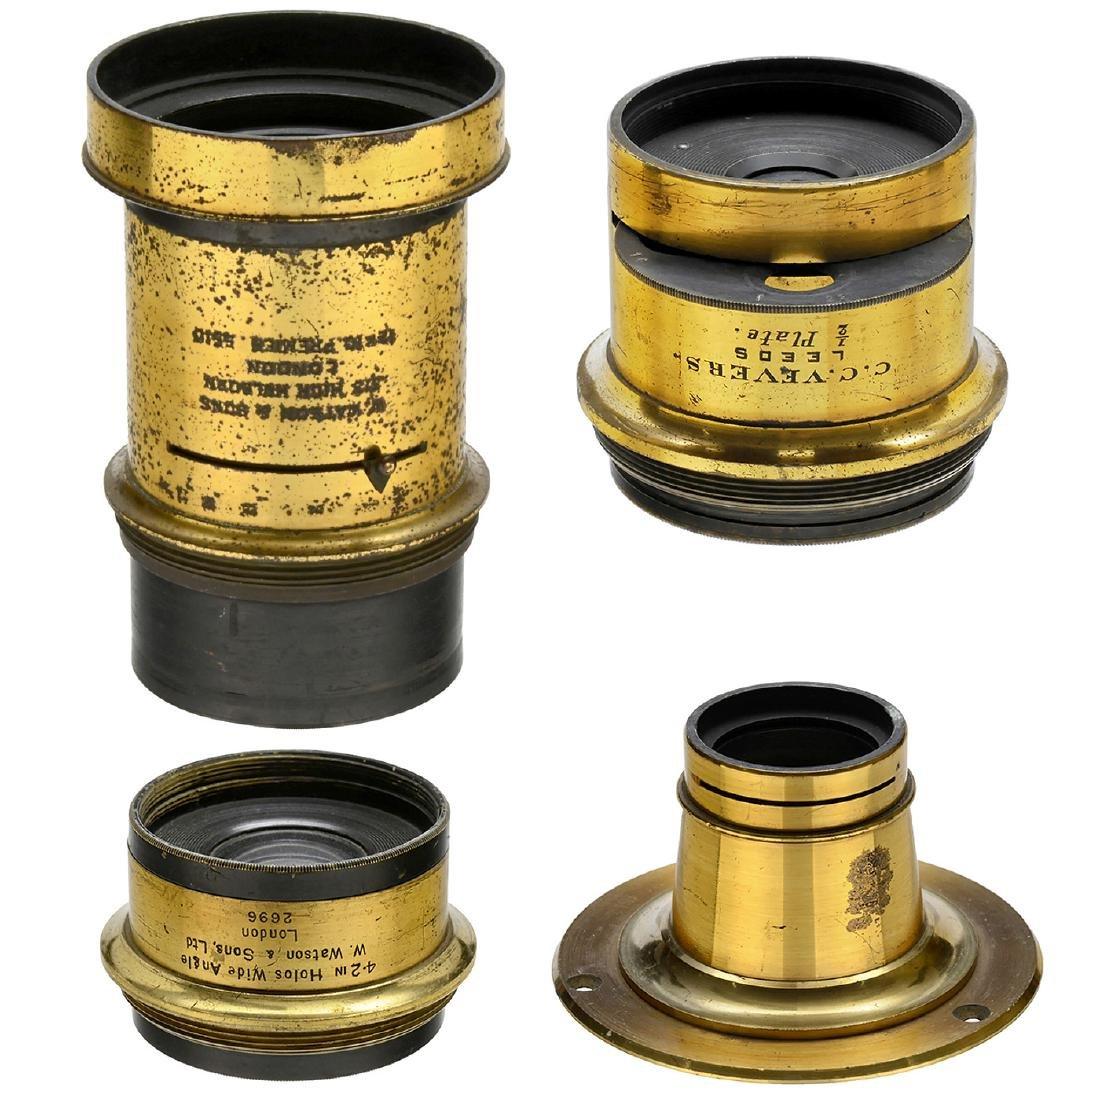 4 Brass Lenses from England